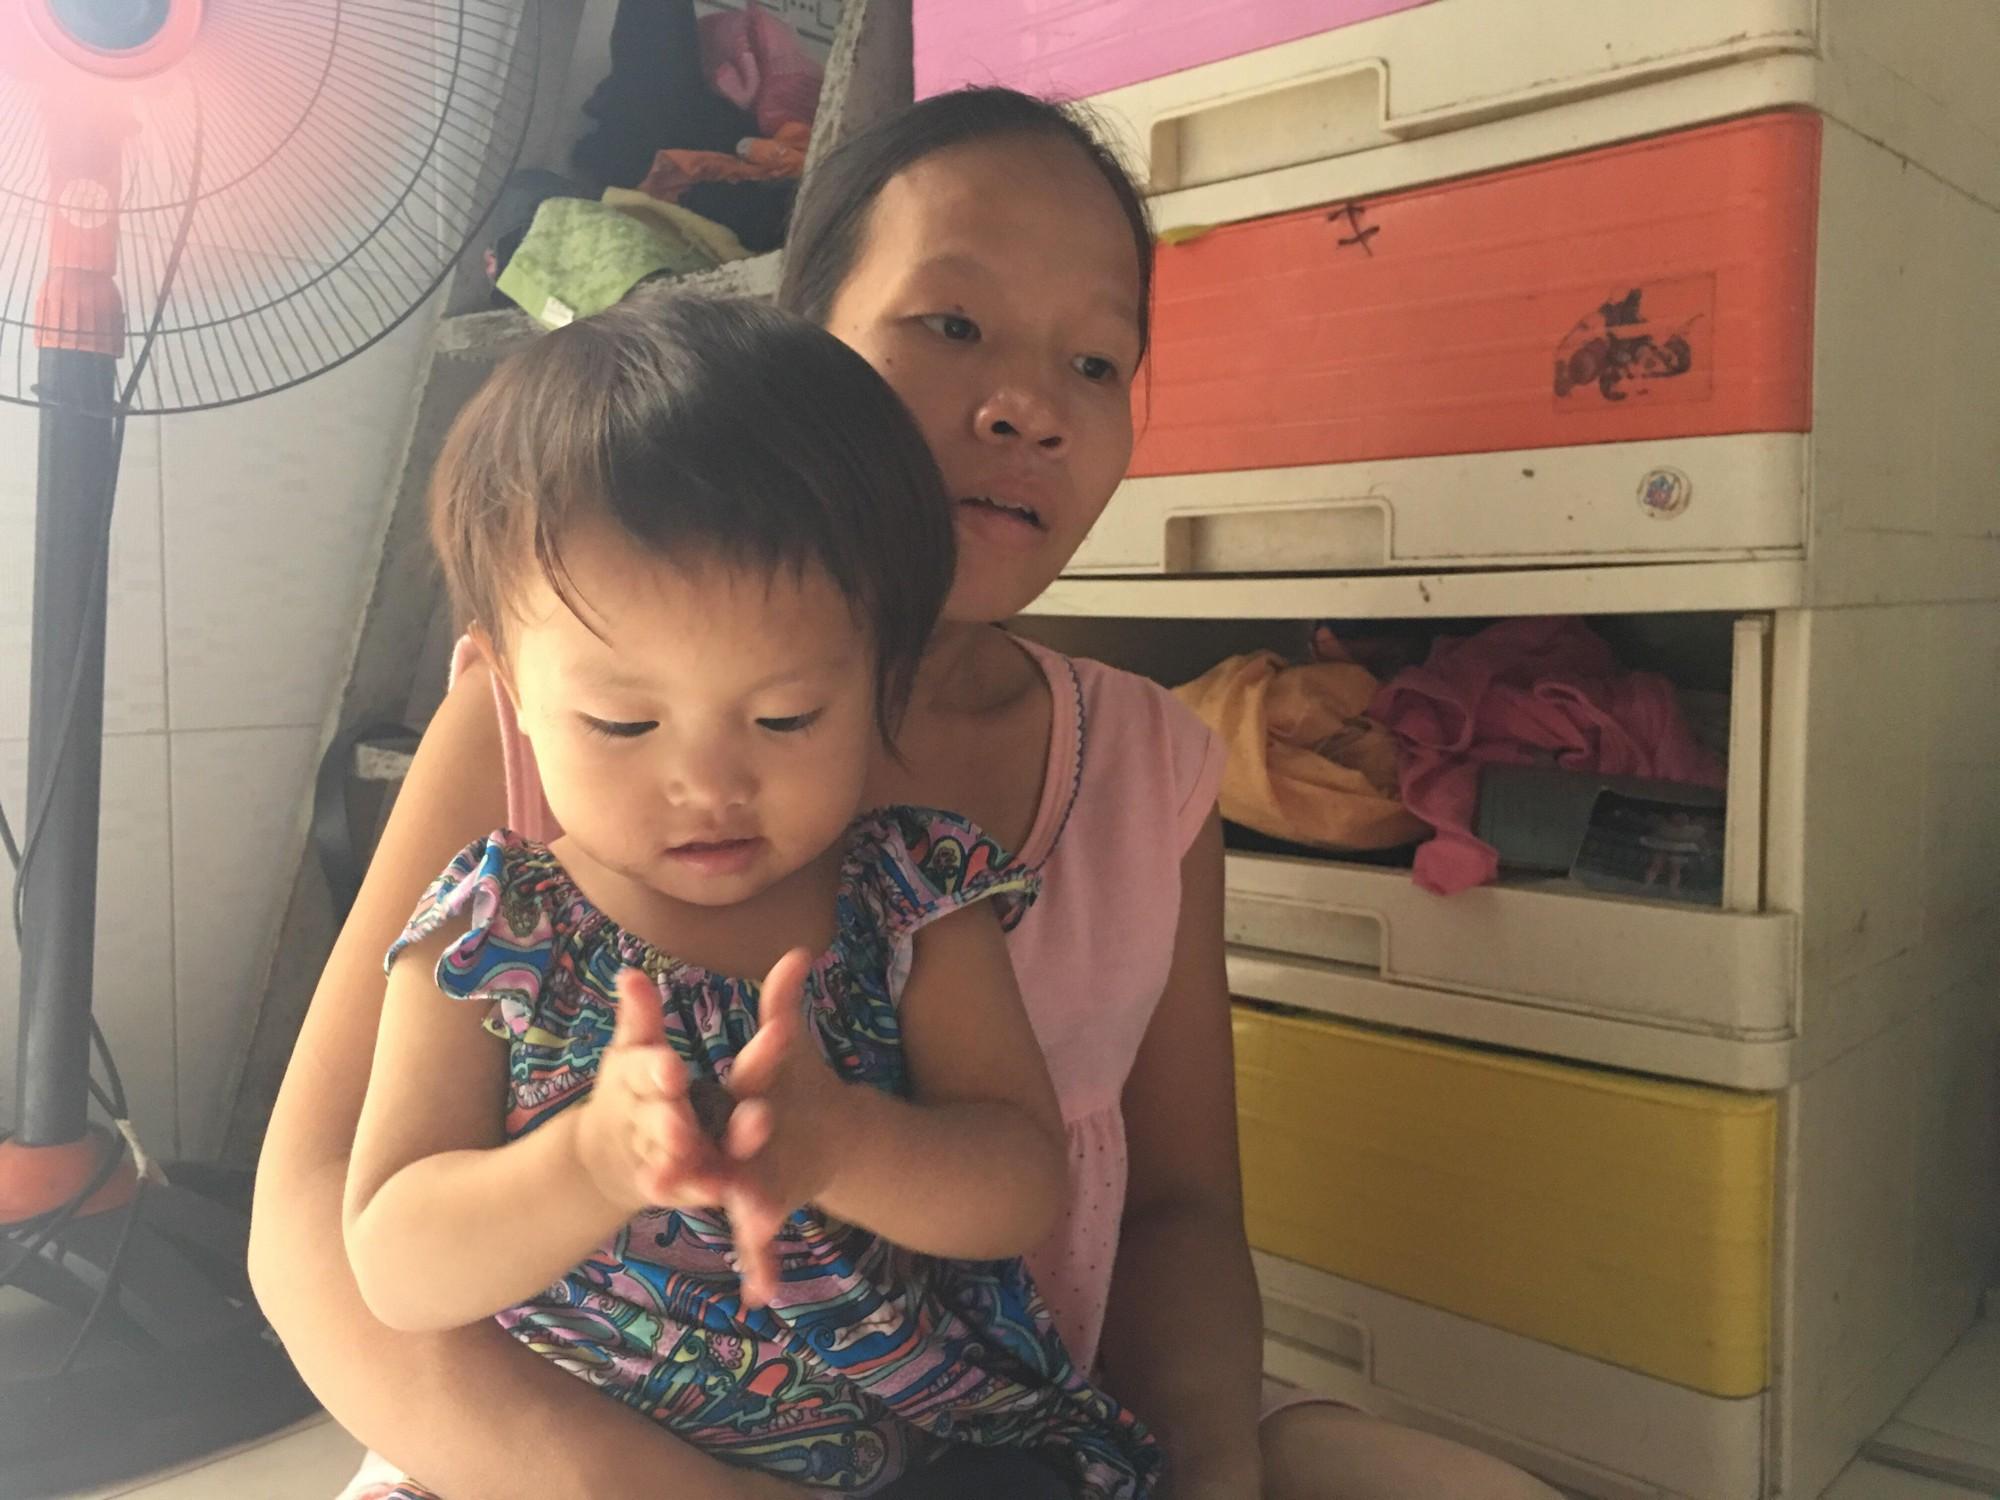 Tìm thấy bé gái 8 tuổi mất tích sau khi đón xe buýt từ làng ĐH Quốc Gia xuống trung tâm Sài Gòn trong lúc đi ăn xin 3